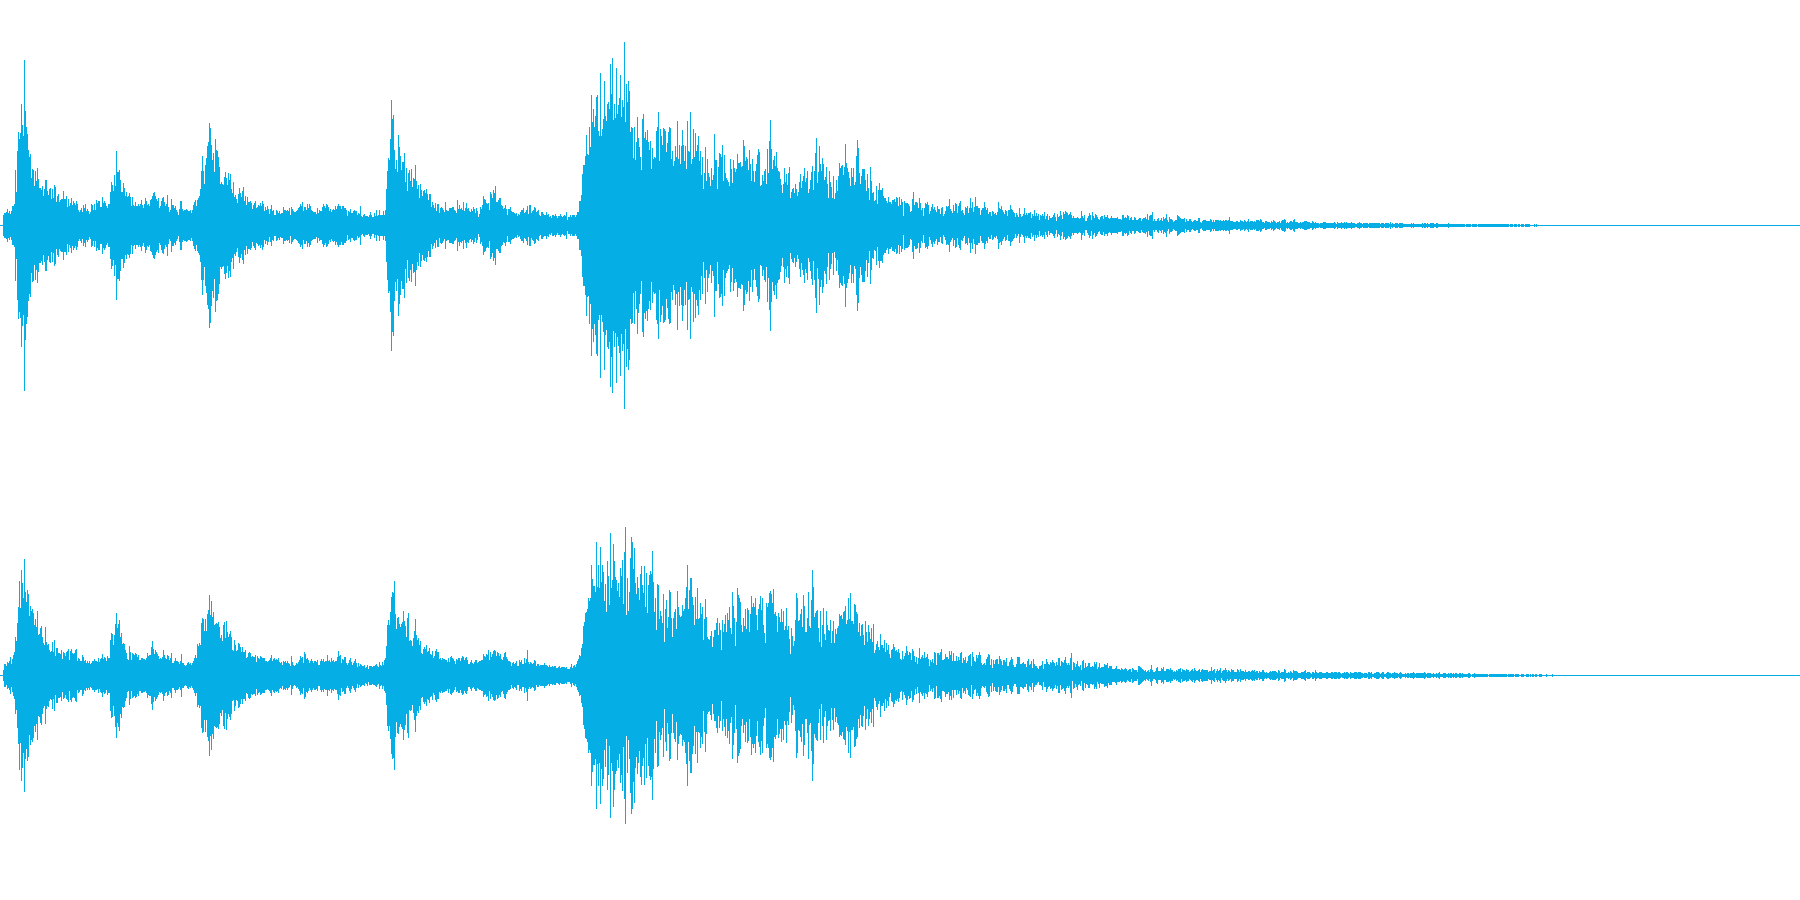 クリスマスのベル、鈴の効果音 ロゴ 11の再生済みの波形